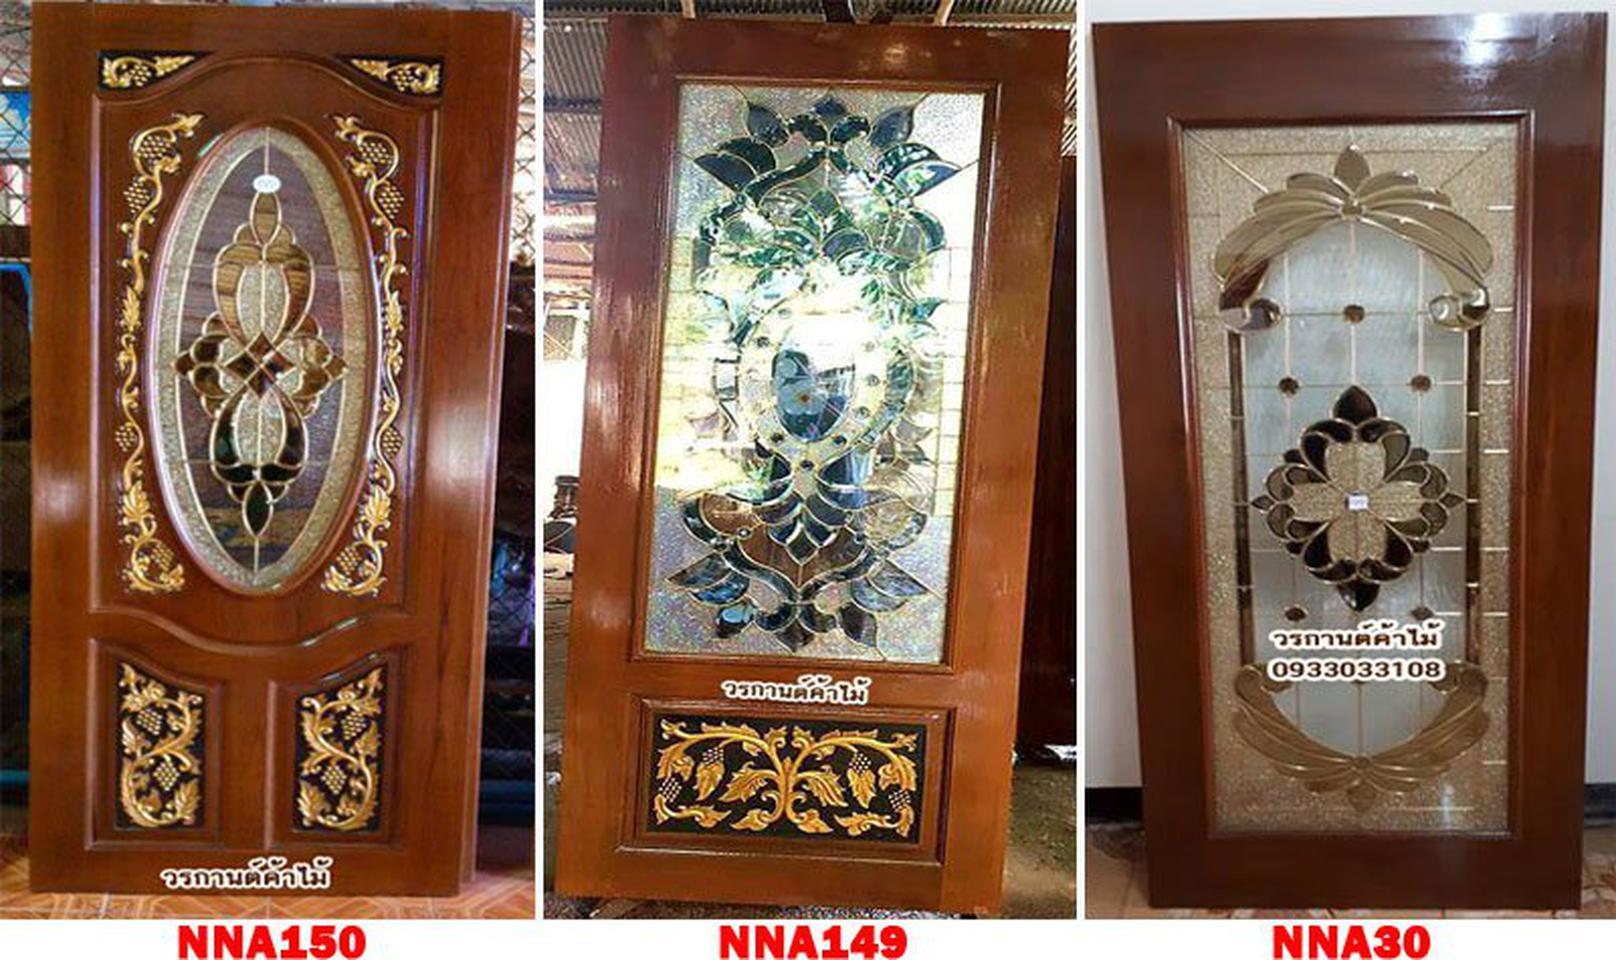 ประตูไม้สัก,ประตูไม้สักกระจกนิรภัย,ประตูไม้สักบานคู่,ประตูไม้สักบานเดี่ยว www.door-woodhome.com รูปที่ 1